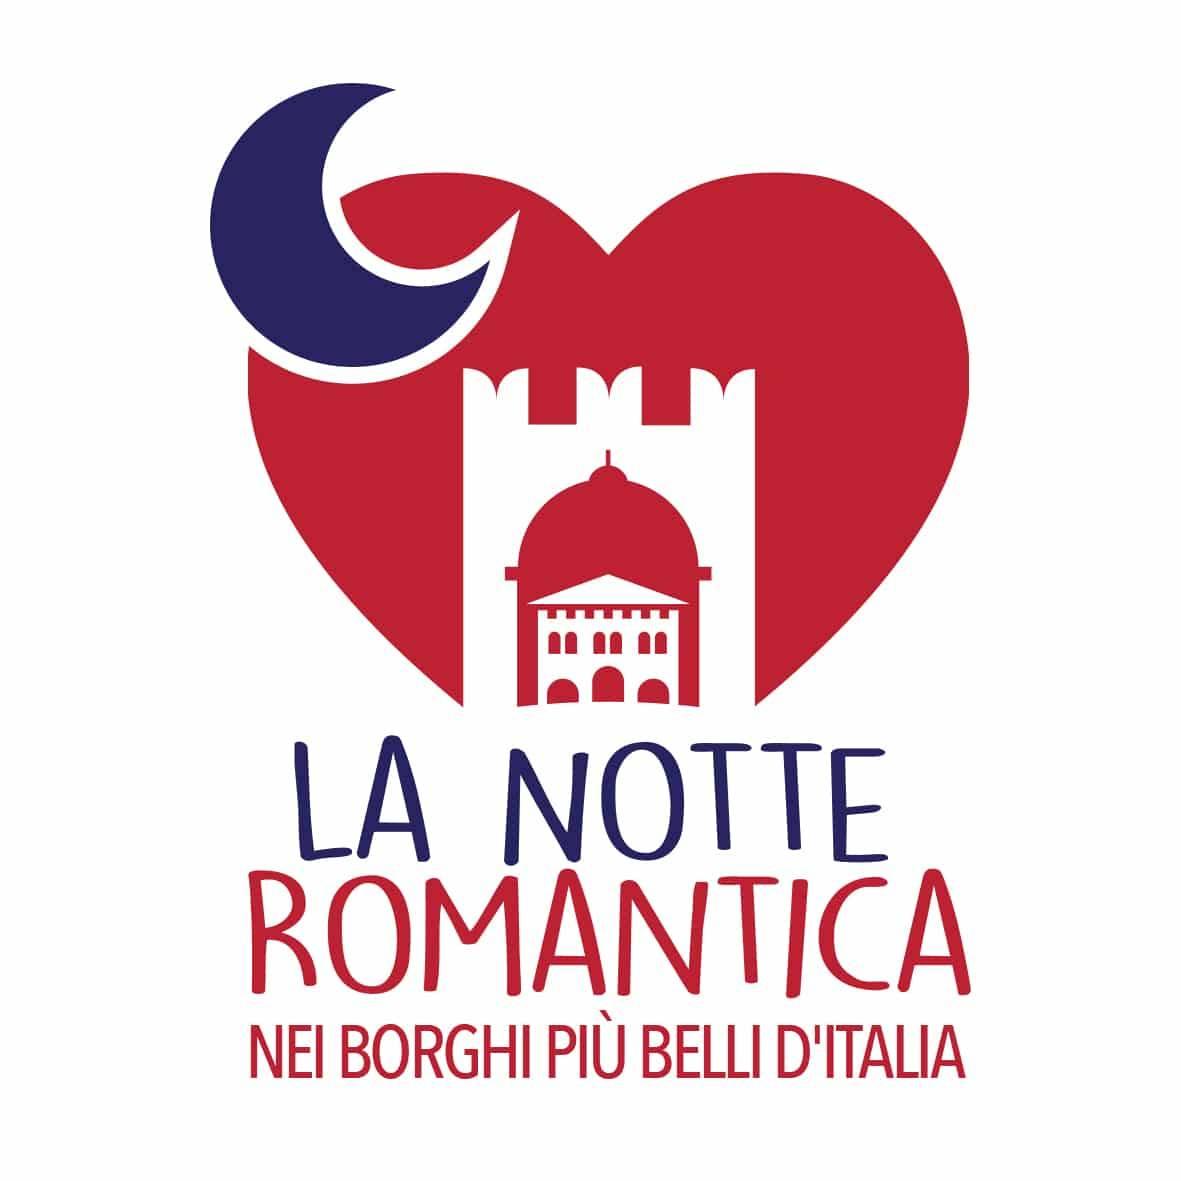 La Notte Romantica, sabato in 14 borghi umbri del Club dei Borghi più Belli d'Italia